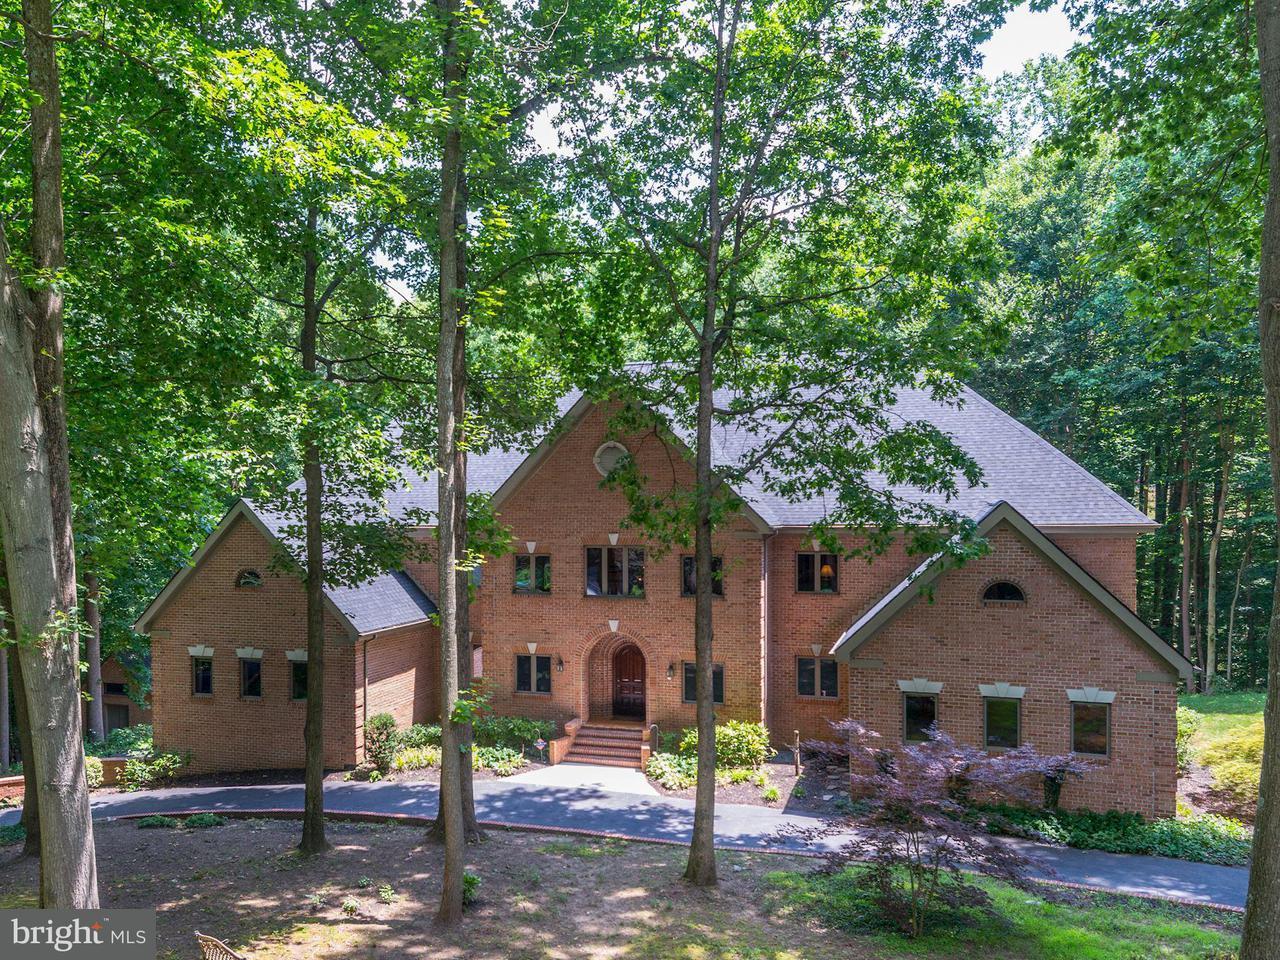 一戸建て のために 売買 アット 1511 WILD CRANBERRY Drive 1511 WILD CRANBERRY Drive Crownsville, メリーランド 21032 アメリカ合衆国